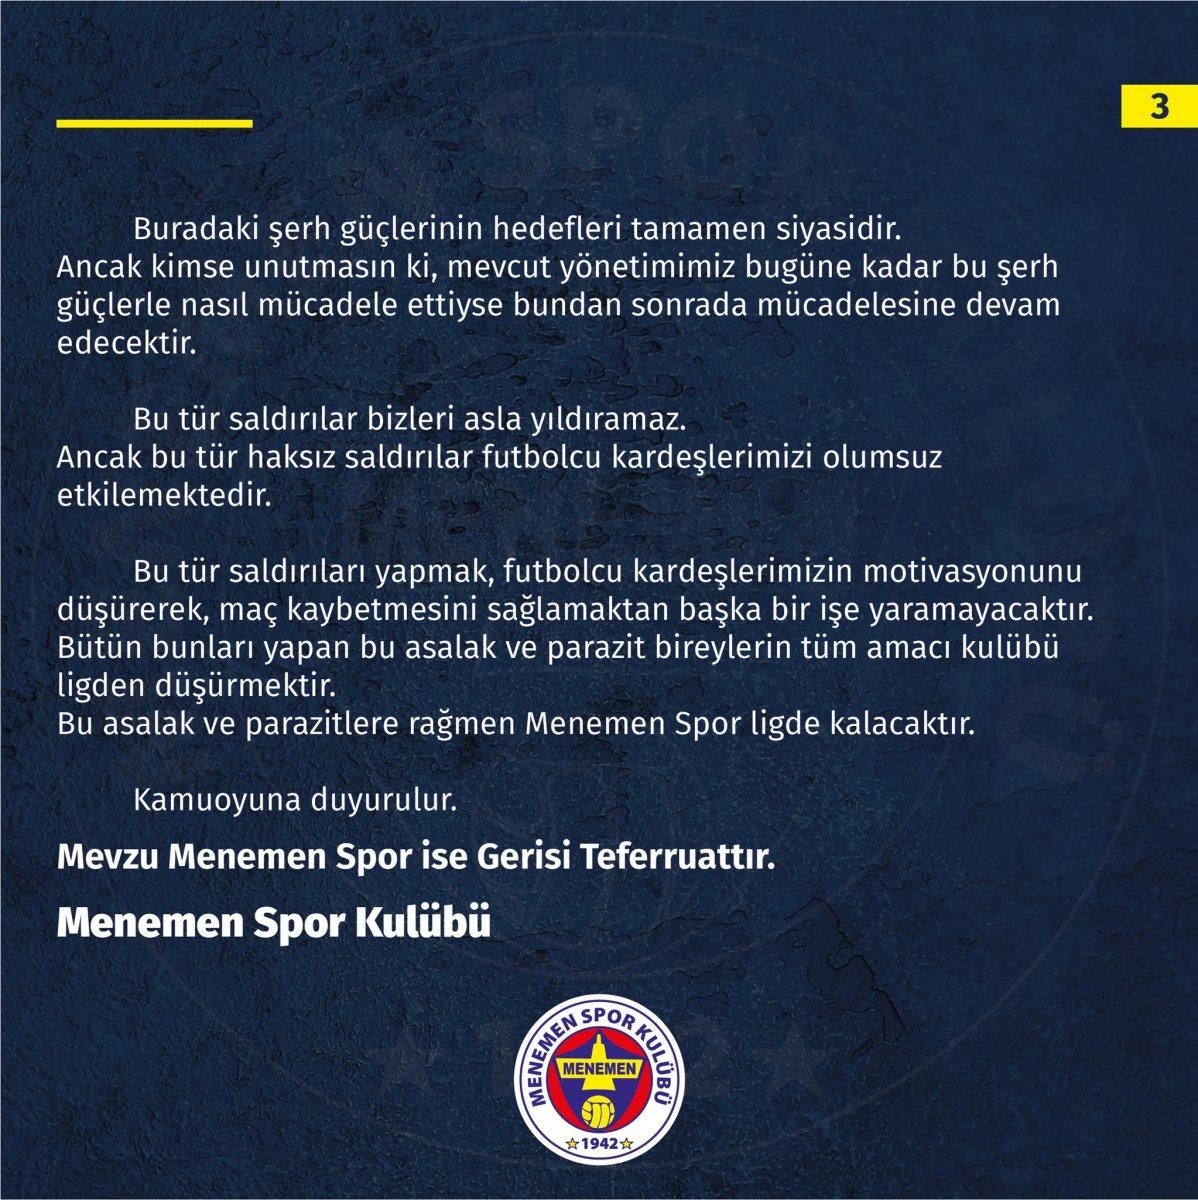 Mali polisler, Menemenspor kulübünü bastı #5